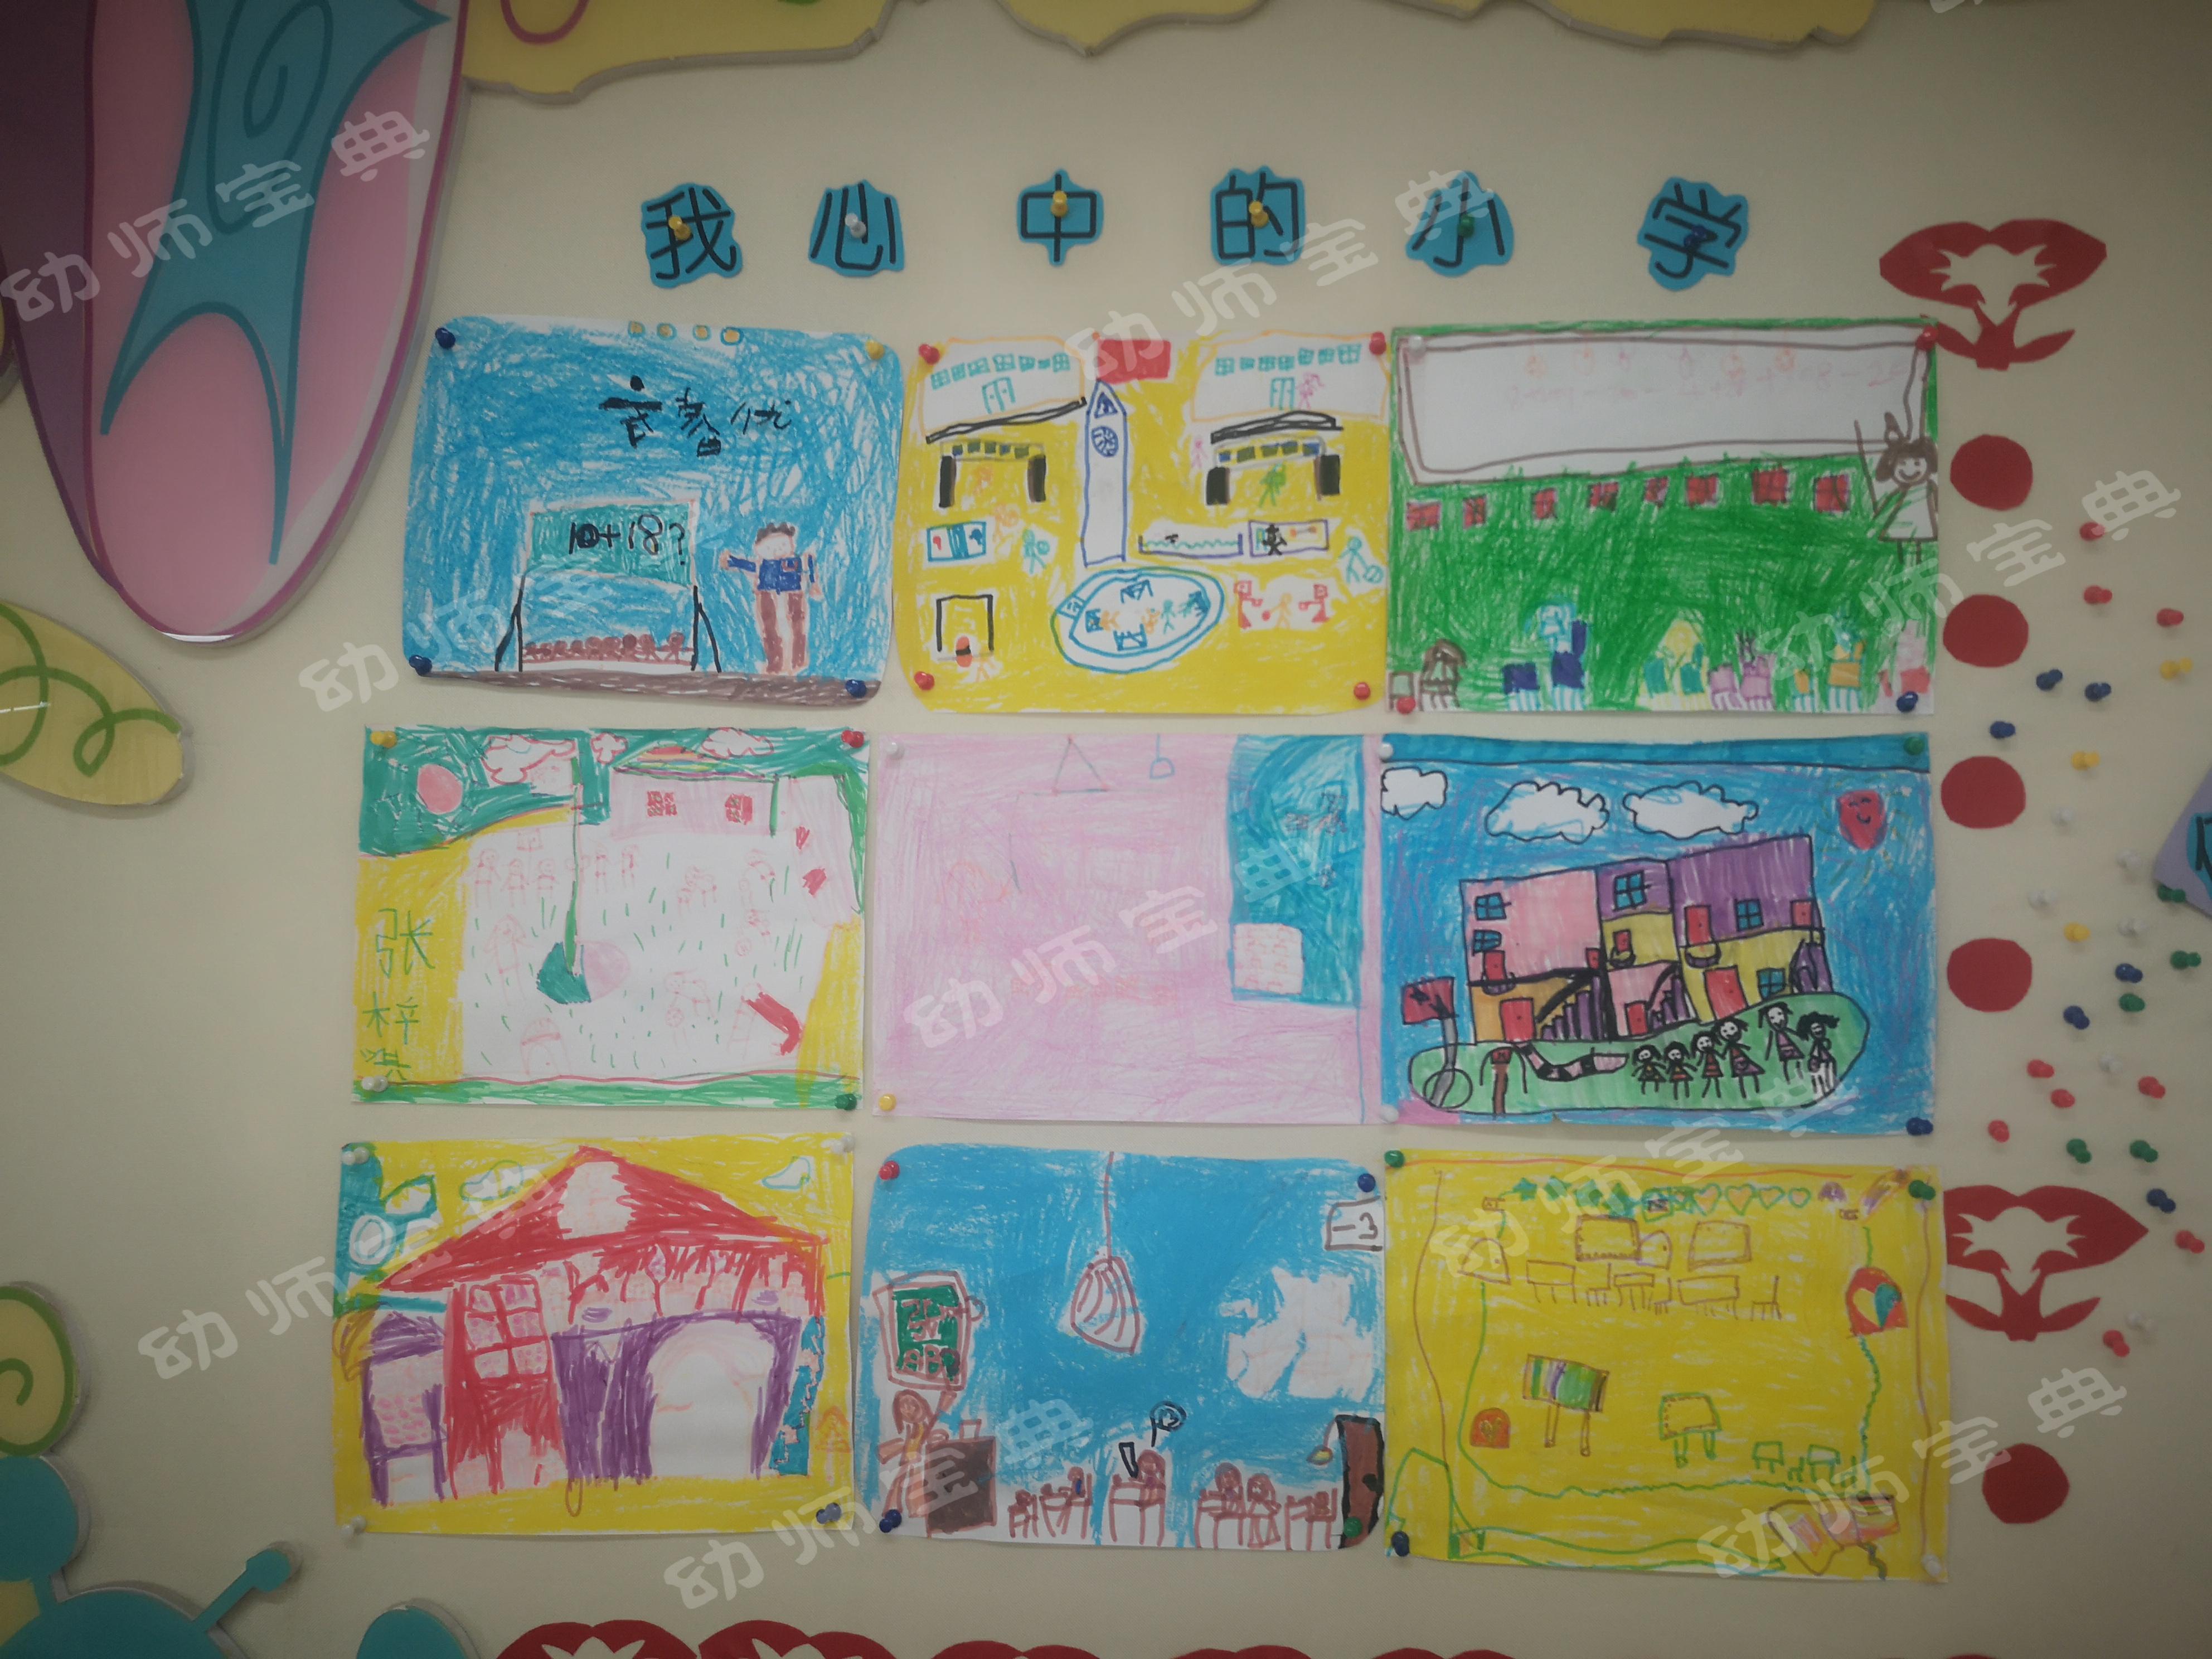 主题墙 | 每年3~6月份都会用到的主题墙大合集,必藏